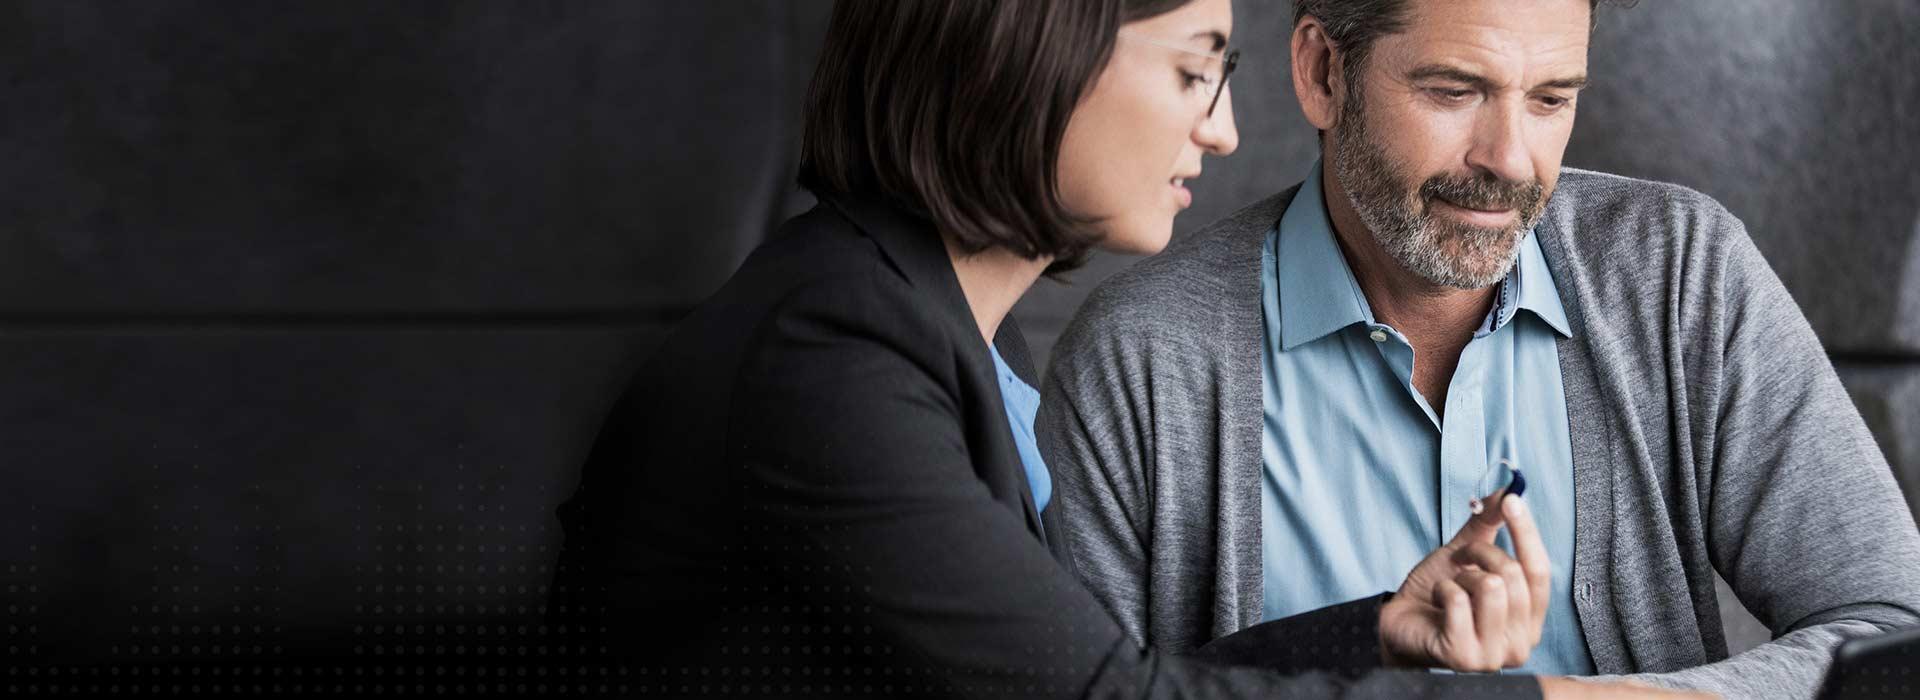 Un homme s'assoit avec une audioprothésiste et regarde l'Oticon Opn